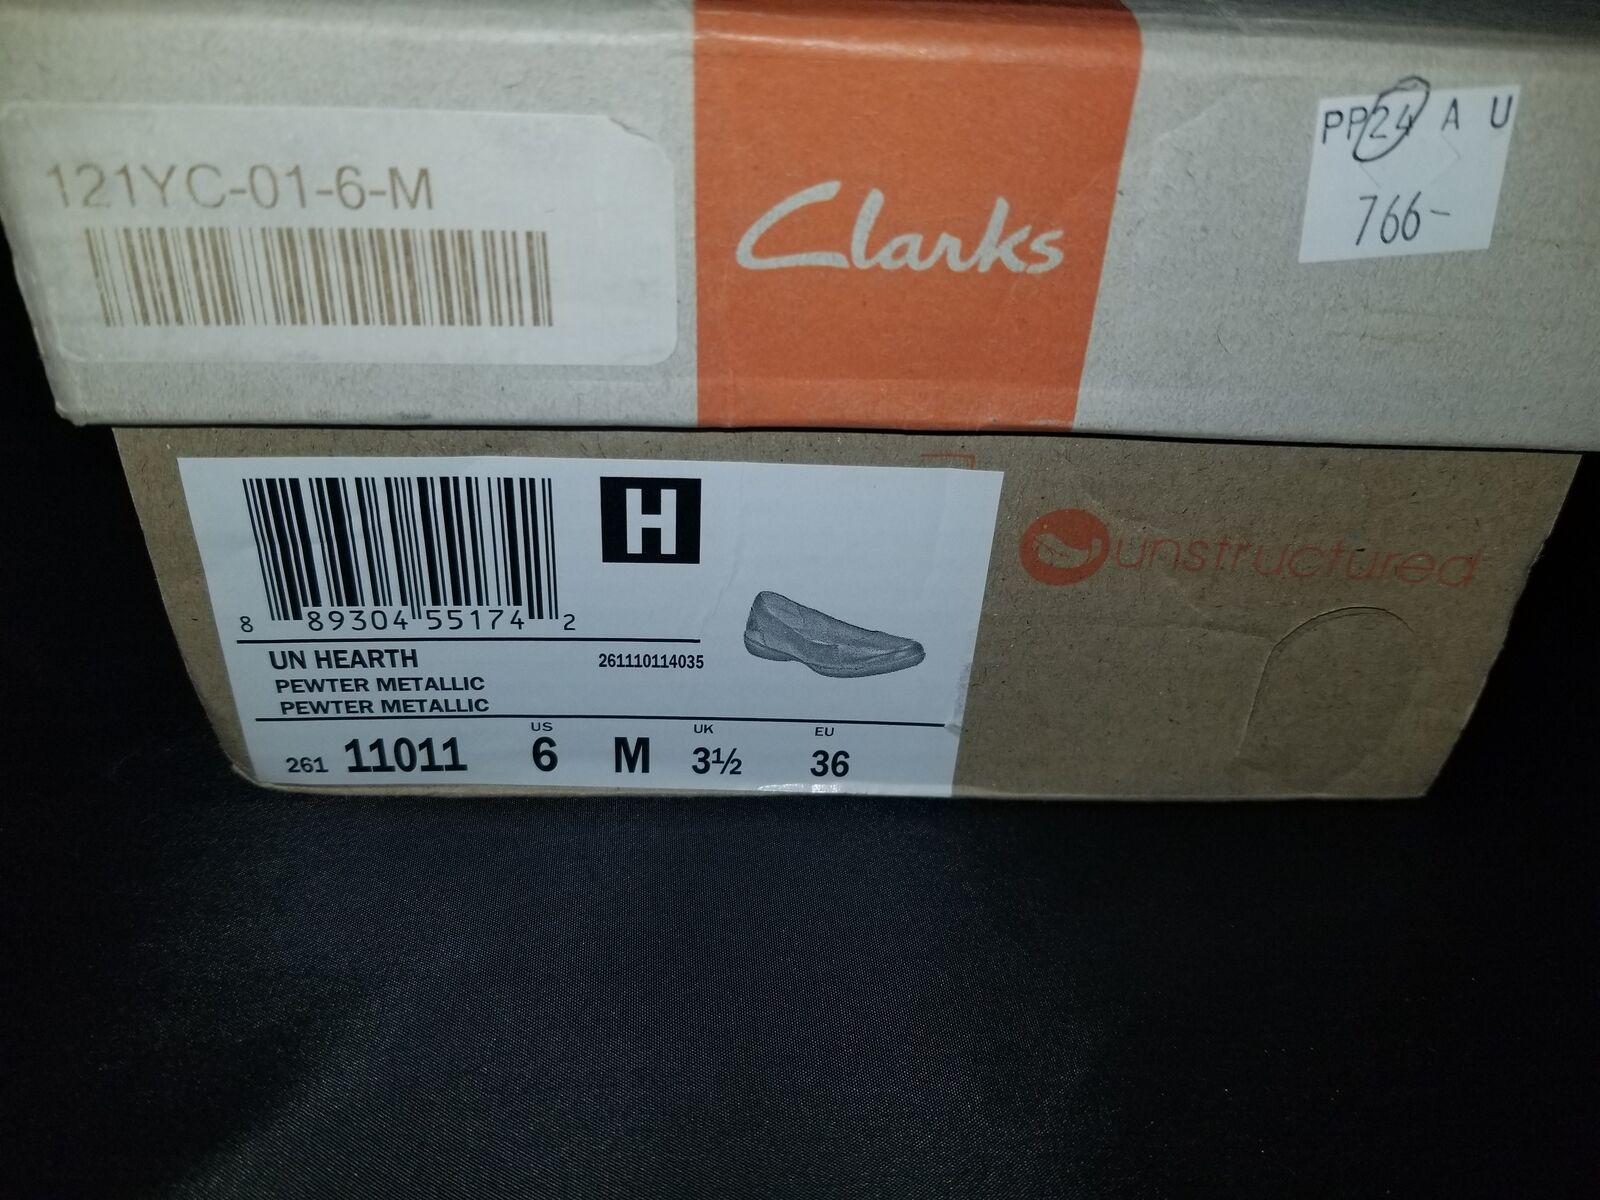 NIB Clarks Un Hearth Pewter Metallic Farbe Flats Größe 6 Medium US/3.5 UK NEU